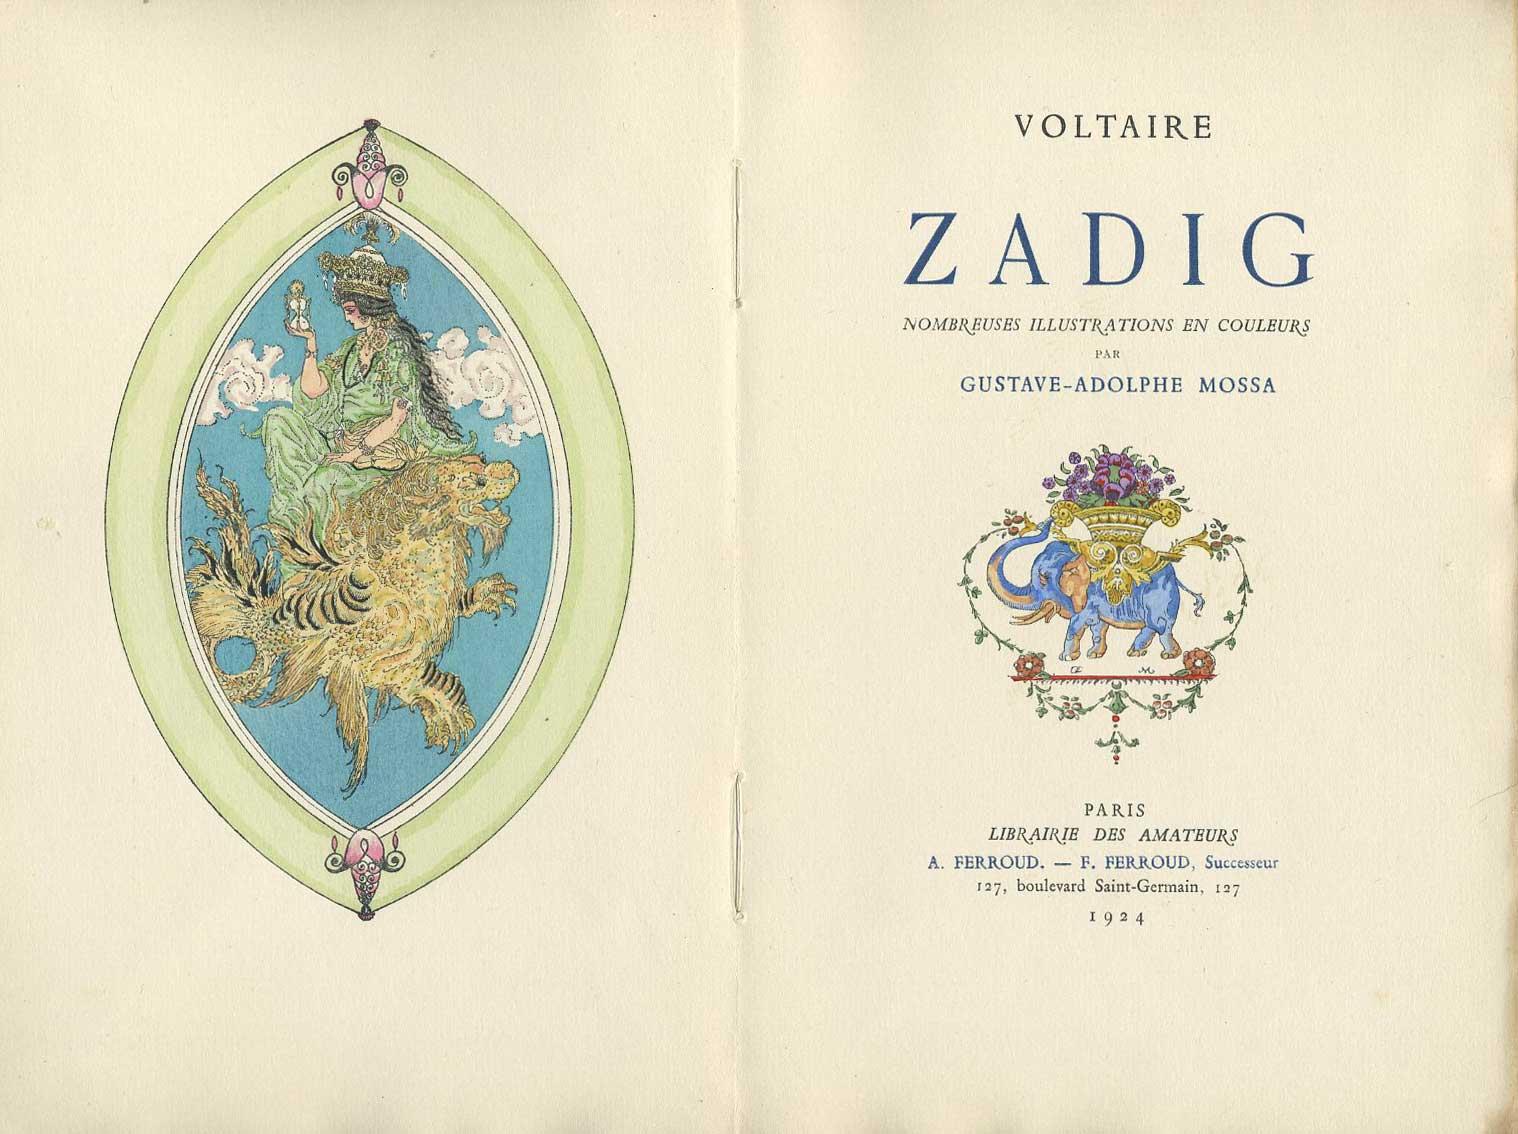 du livre consid u00e9r u00e9 comme un des beaux arts  zadig ou la